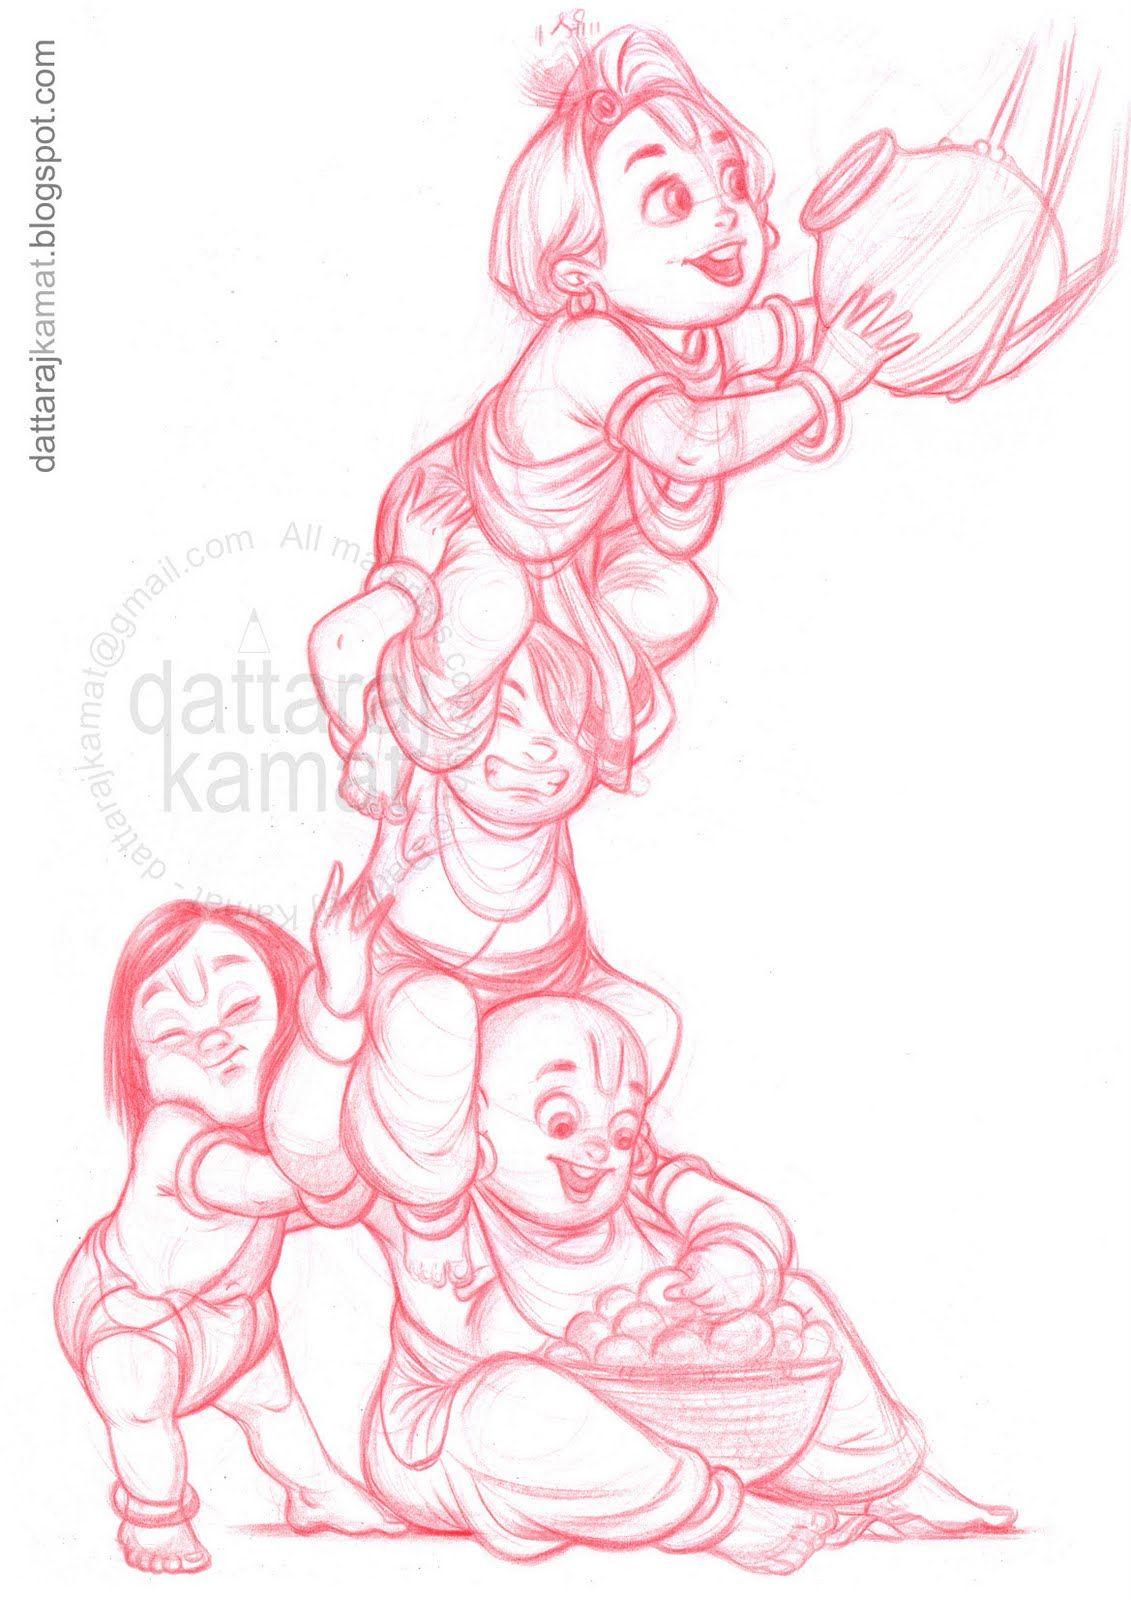 Krishna Leela Krishna Drawing Lord Krishna Sketch Krishna Art